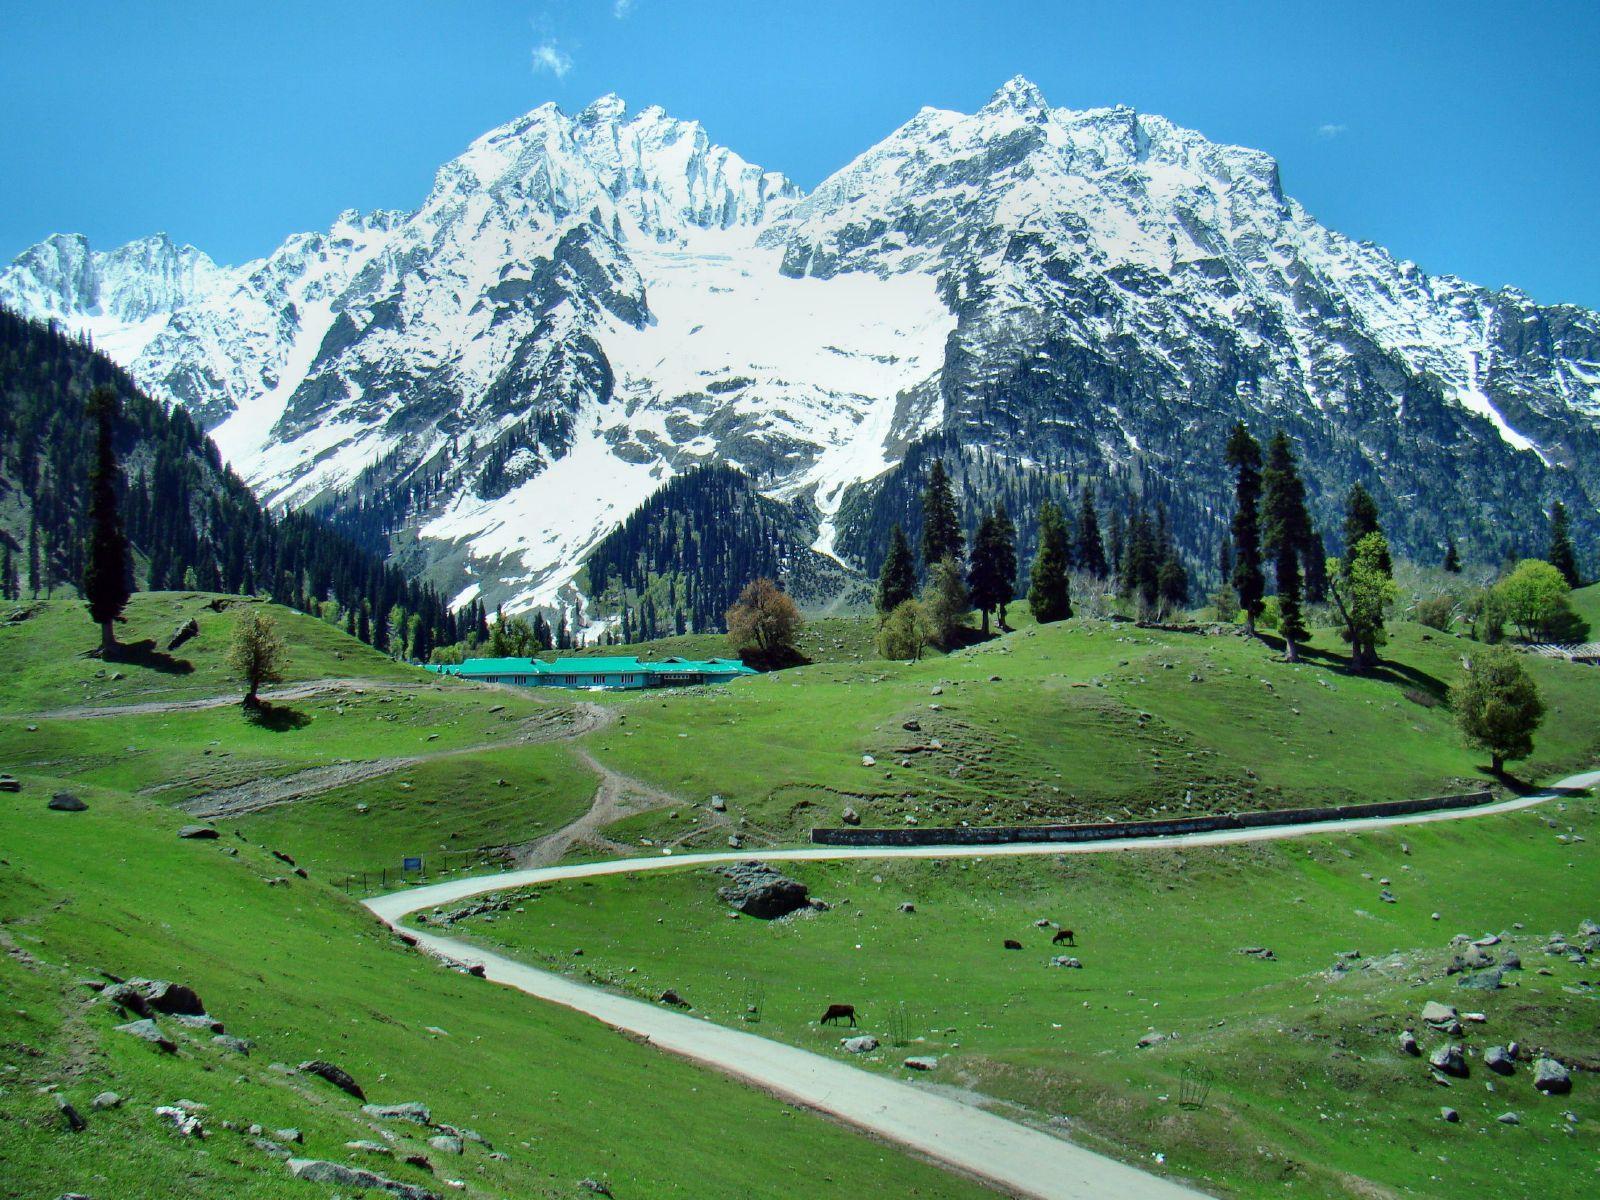 Srinagar-Sonmarg-Pahalgam-Gulmarg